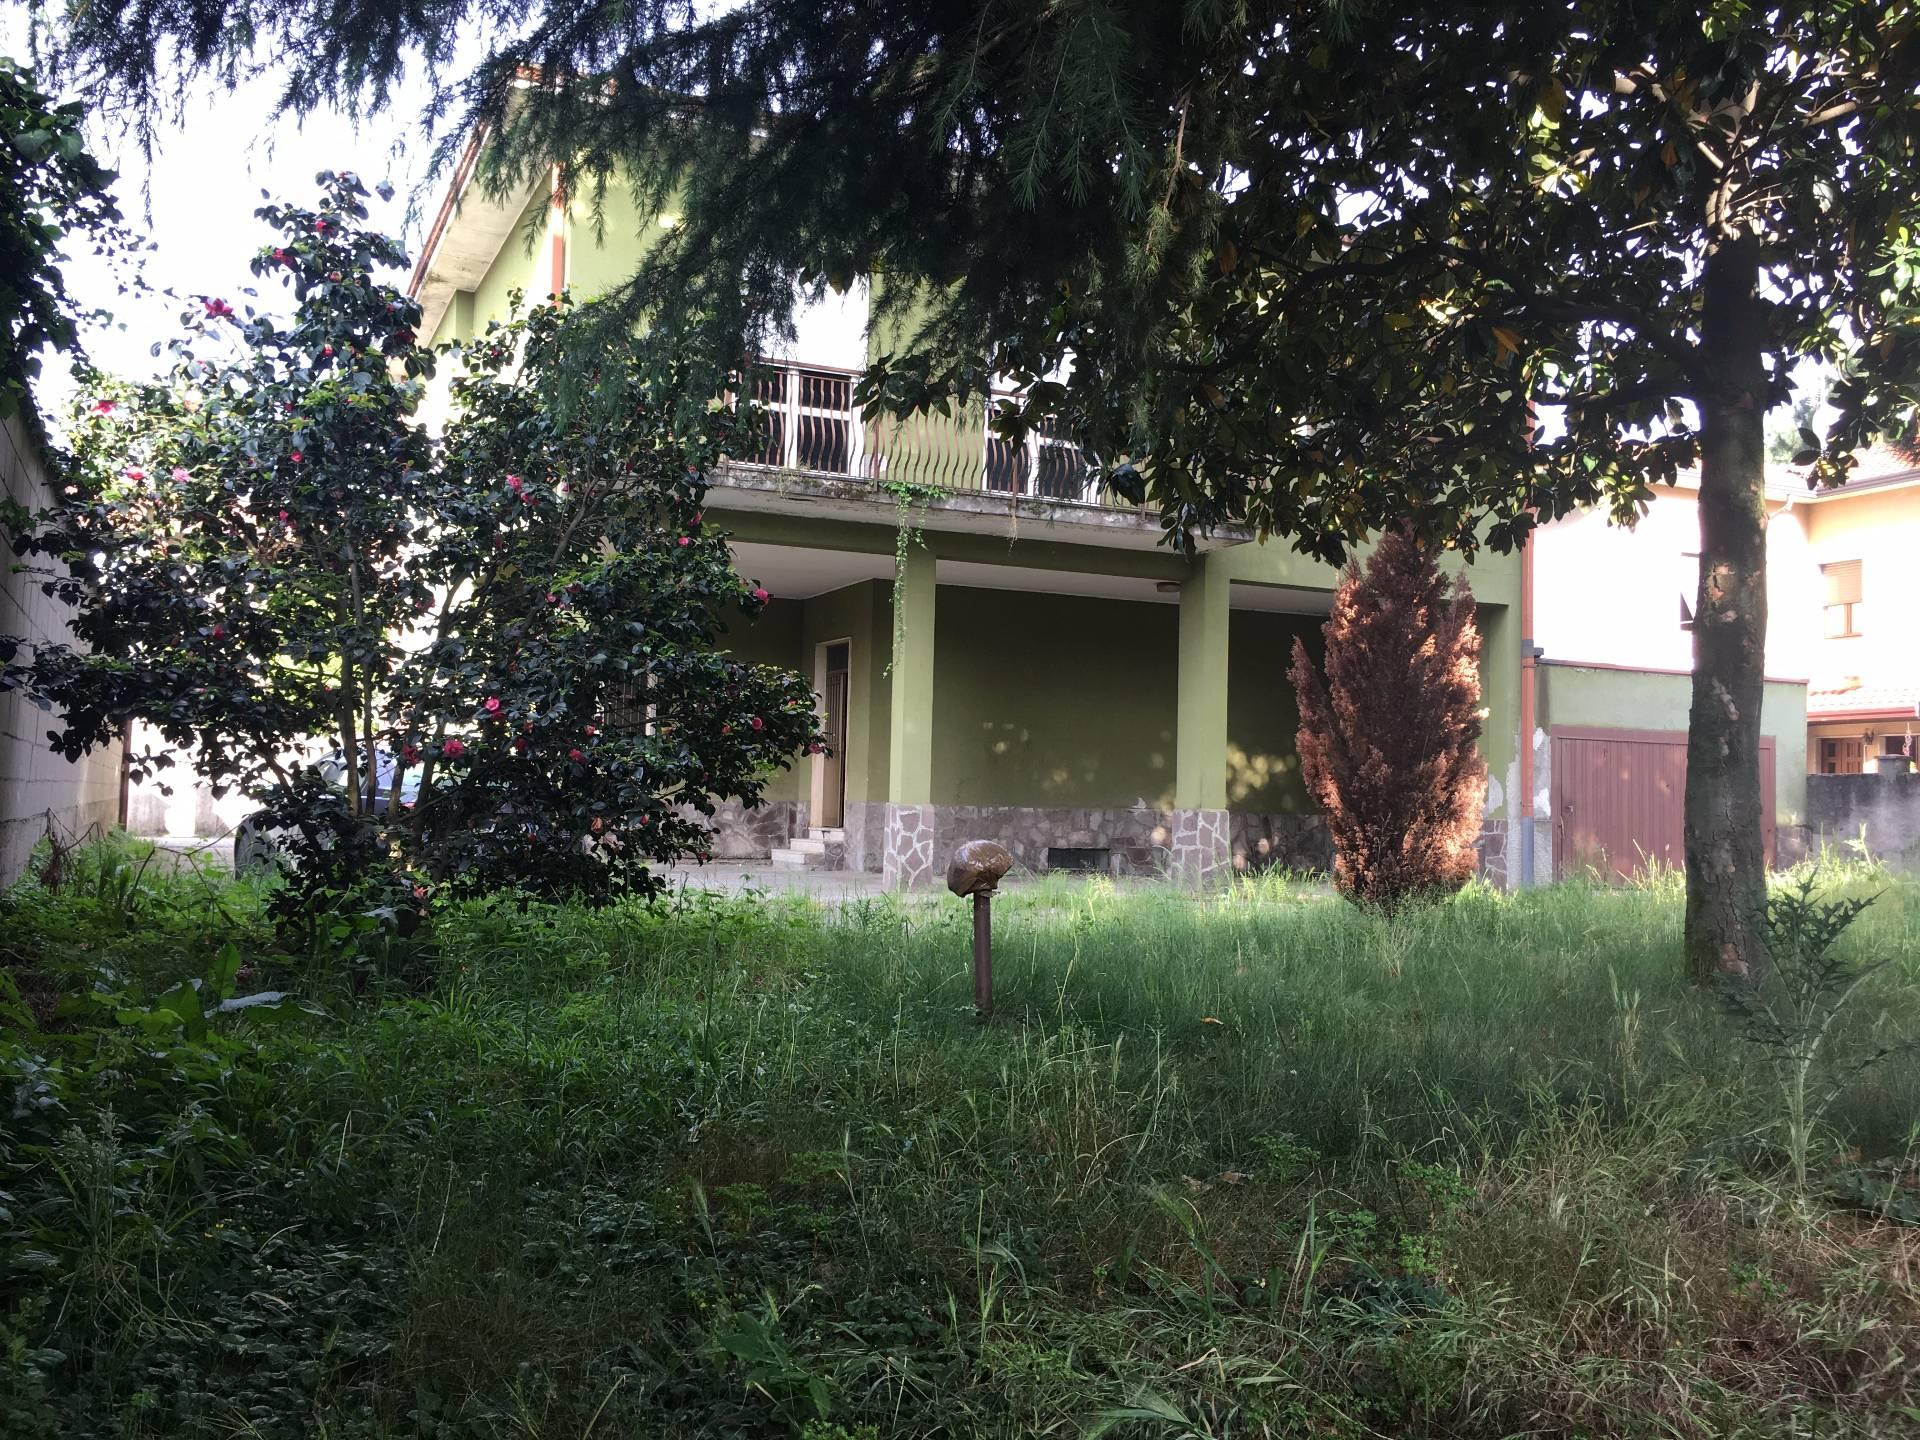 Villa in vendita a Gorla Minore, 4 locali, prezzo € 170.000 | CambioCasa.it